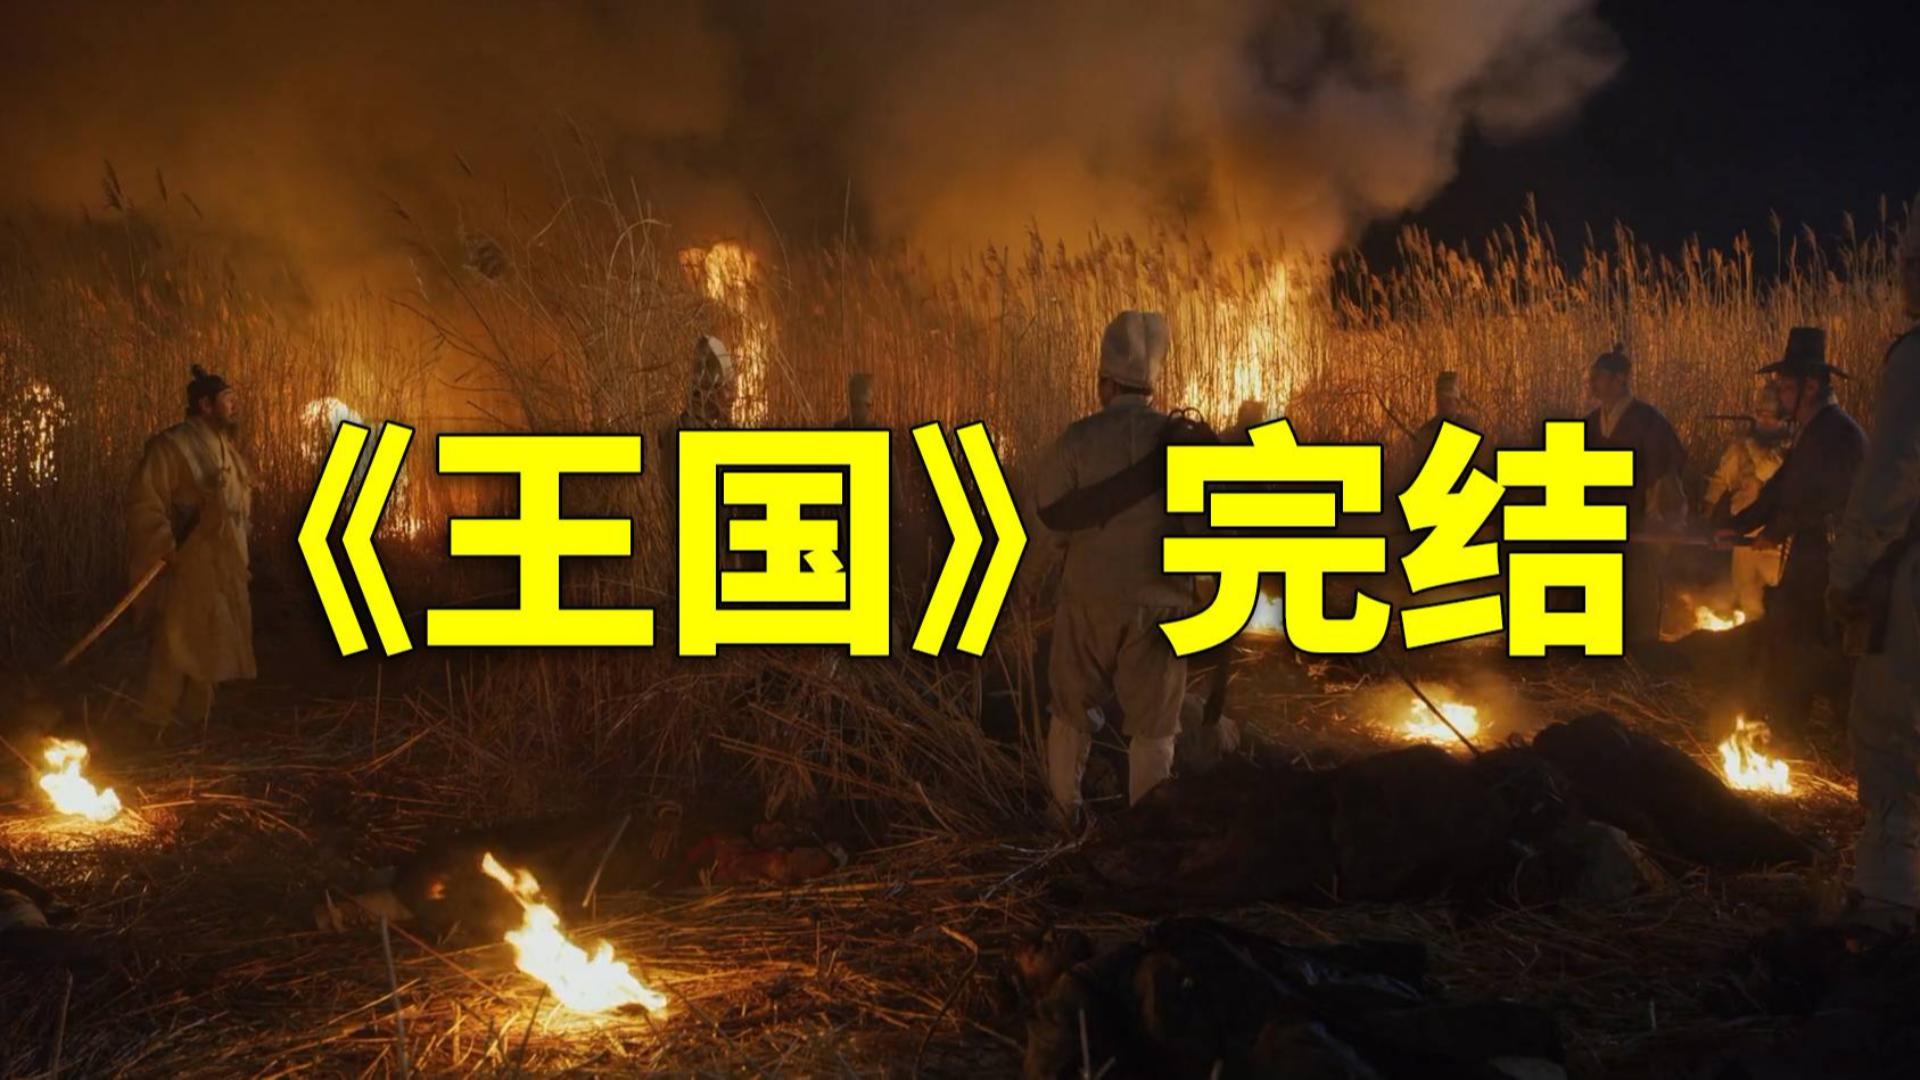 【阿斗】韩国丧尸大军来袭,城中百姓制作防御工事《王国》5-6集大结局